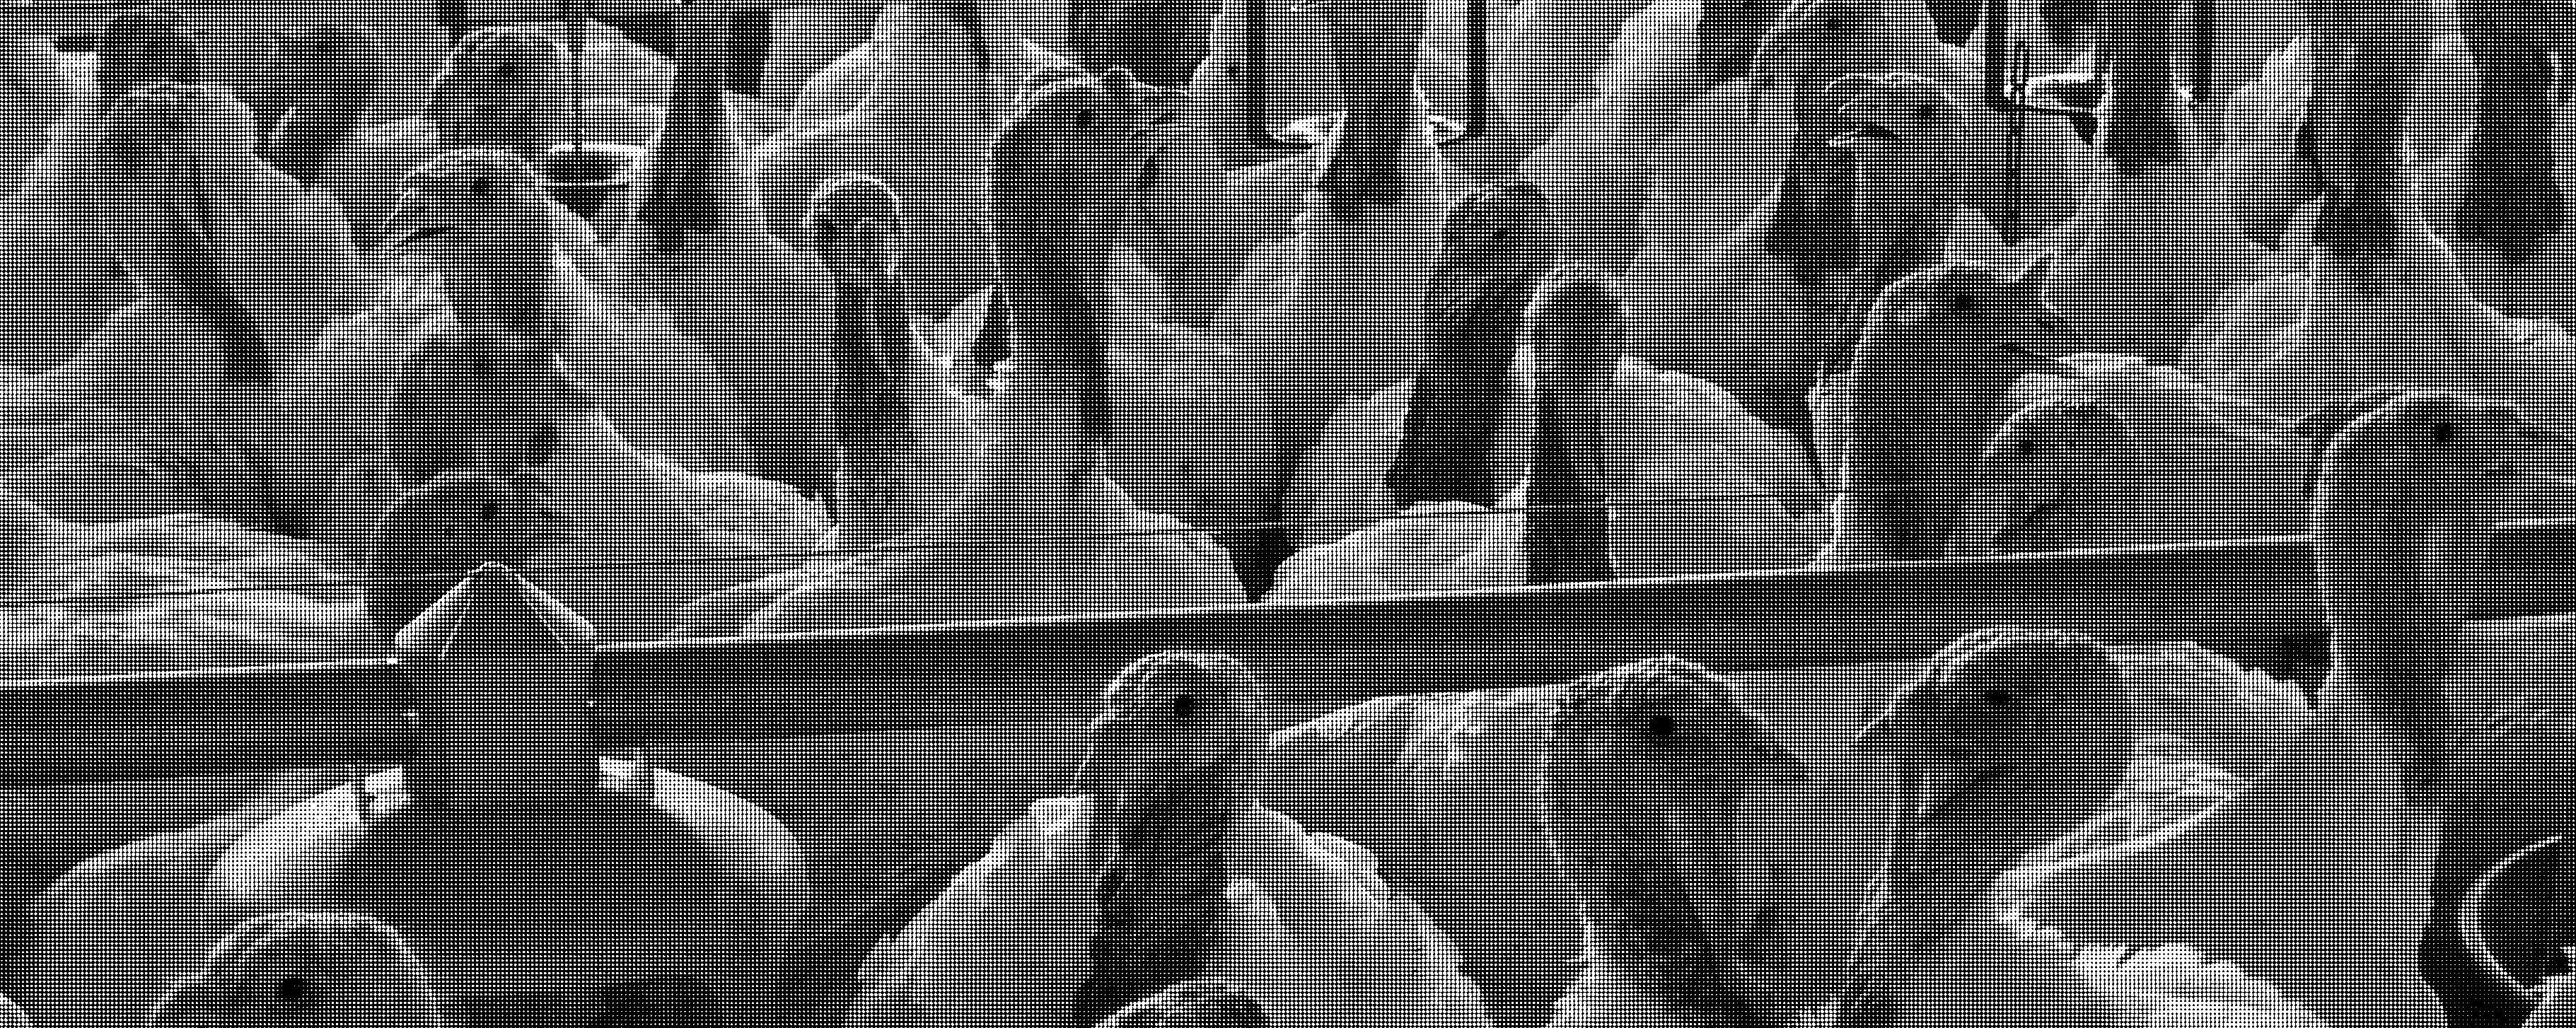 Schwere Tierschutzverstöße in Ställen: Was die Bauernfunktionäre jetzt ändern müssen